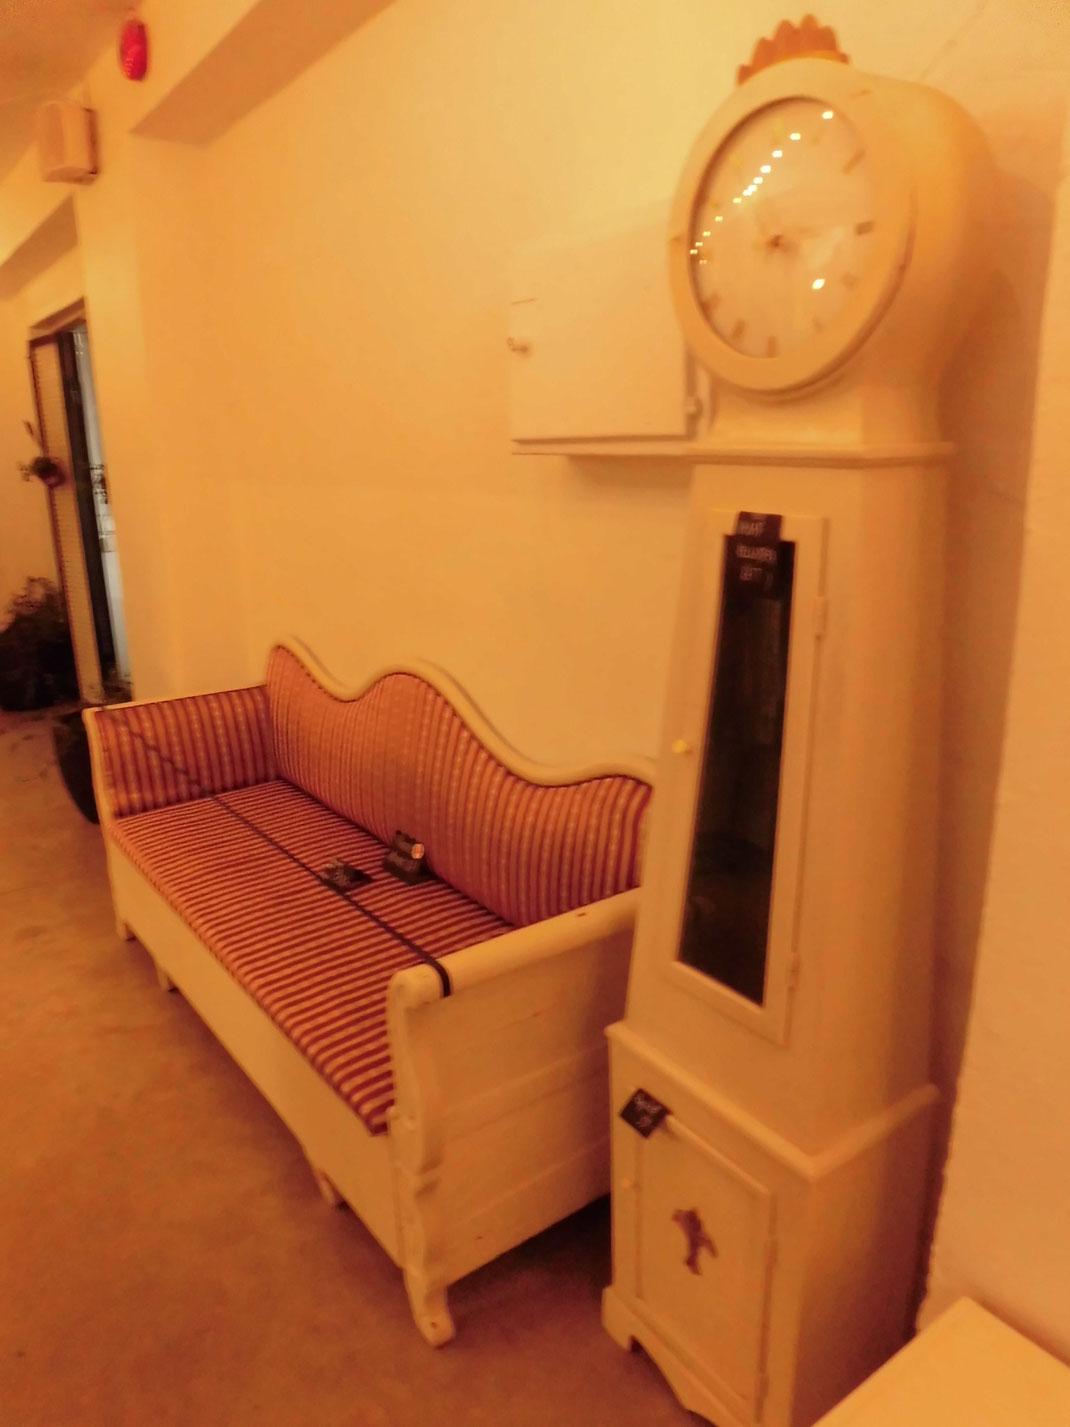 通路に置いてあったアンティークな時計とソファ、珍しいデザインだ